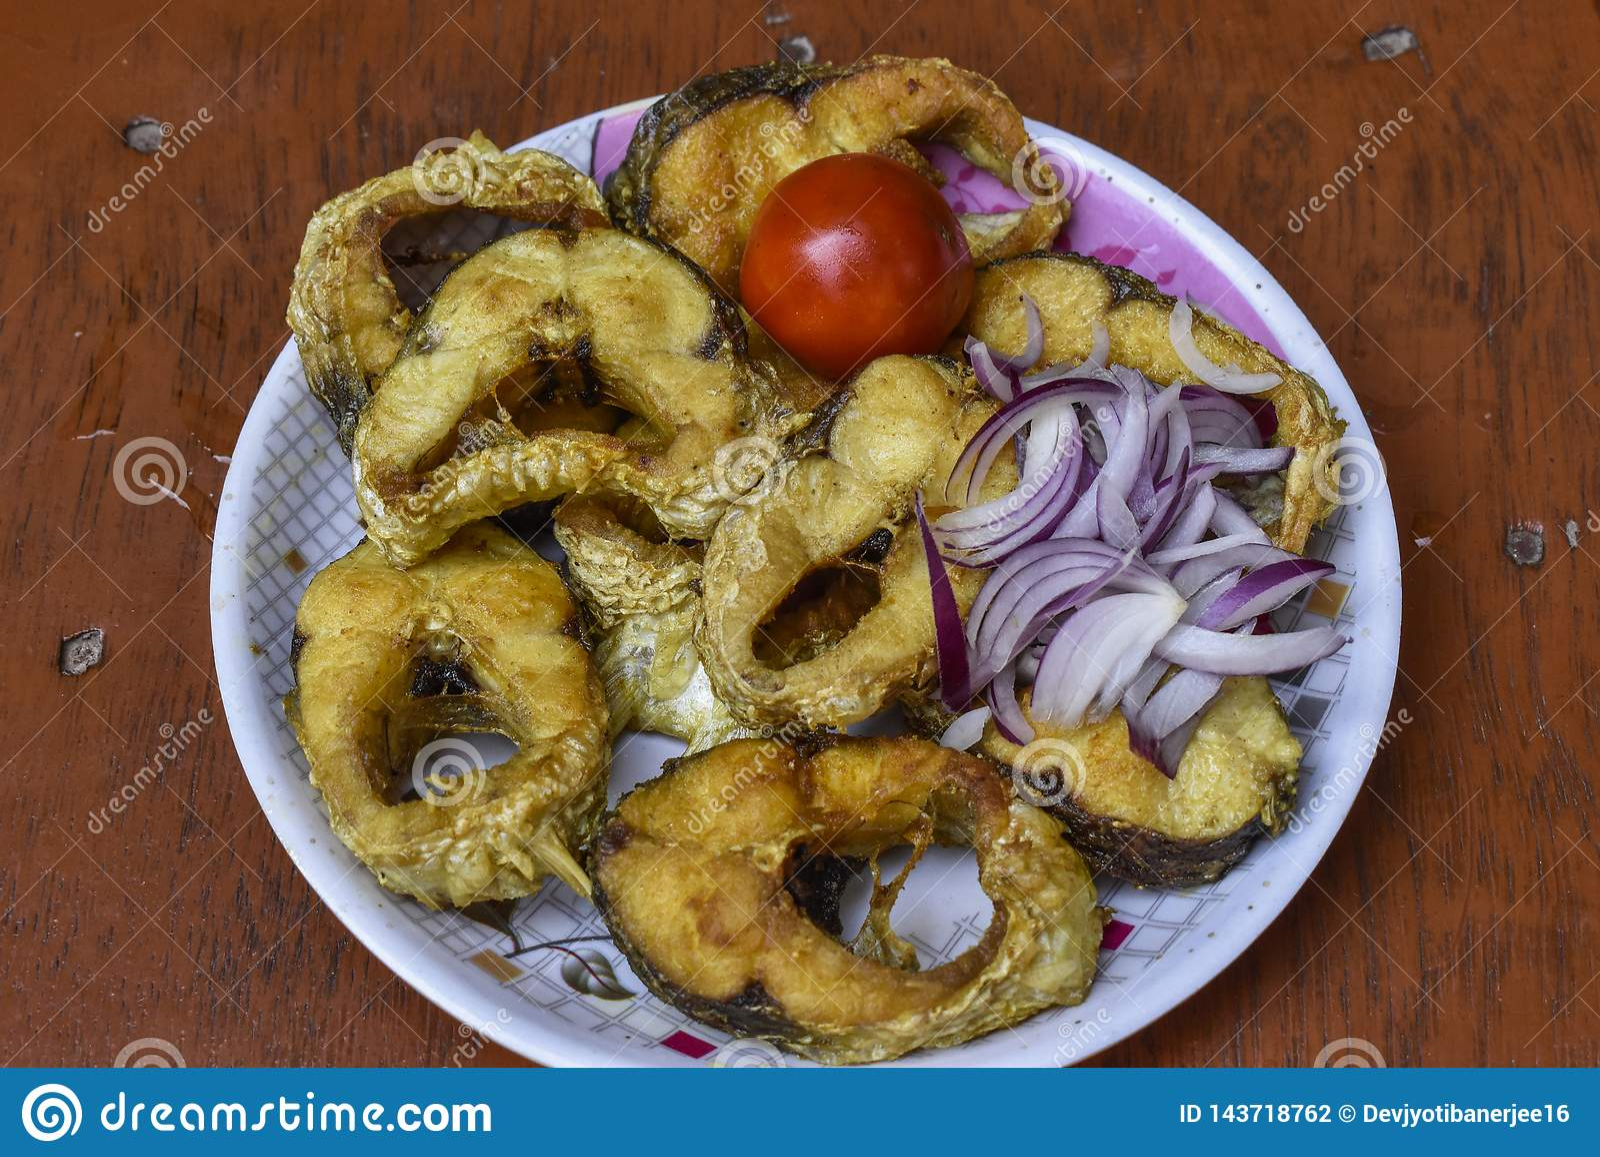 Зажаренная рыба, французский картофель фри, coleslaw, Hush Puppies, еда содержа поколоченных или обвалянных в сухарях зажаренных